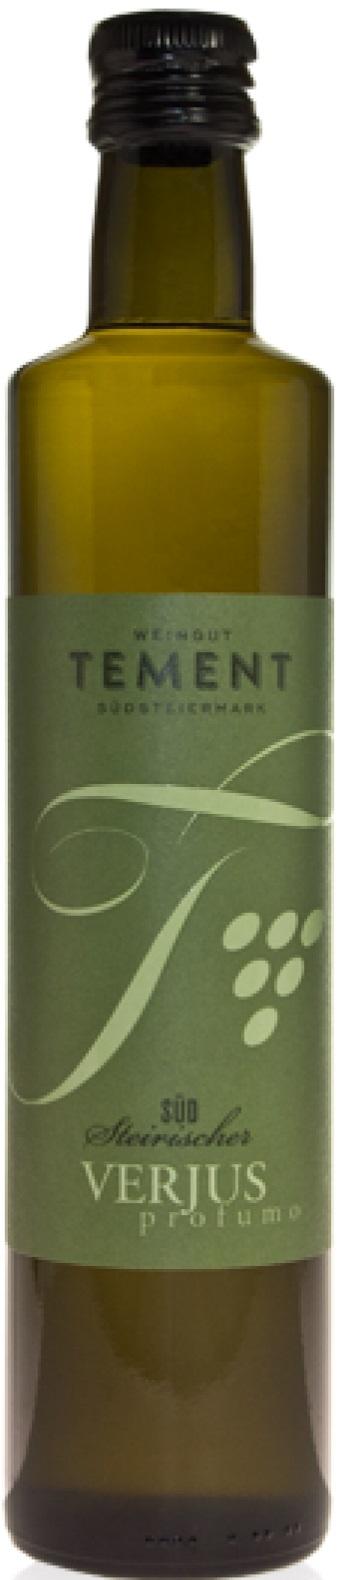 Verjus profumo, 0,75 Lt, Tement